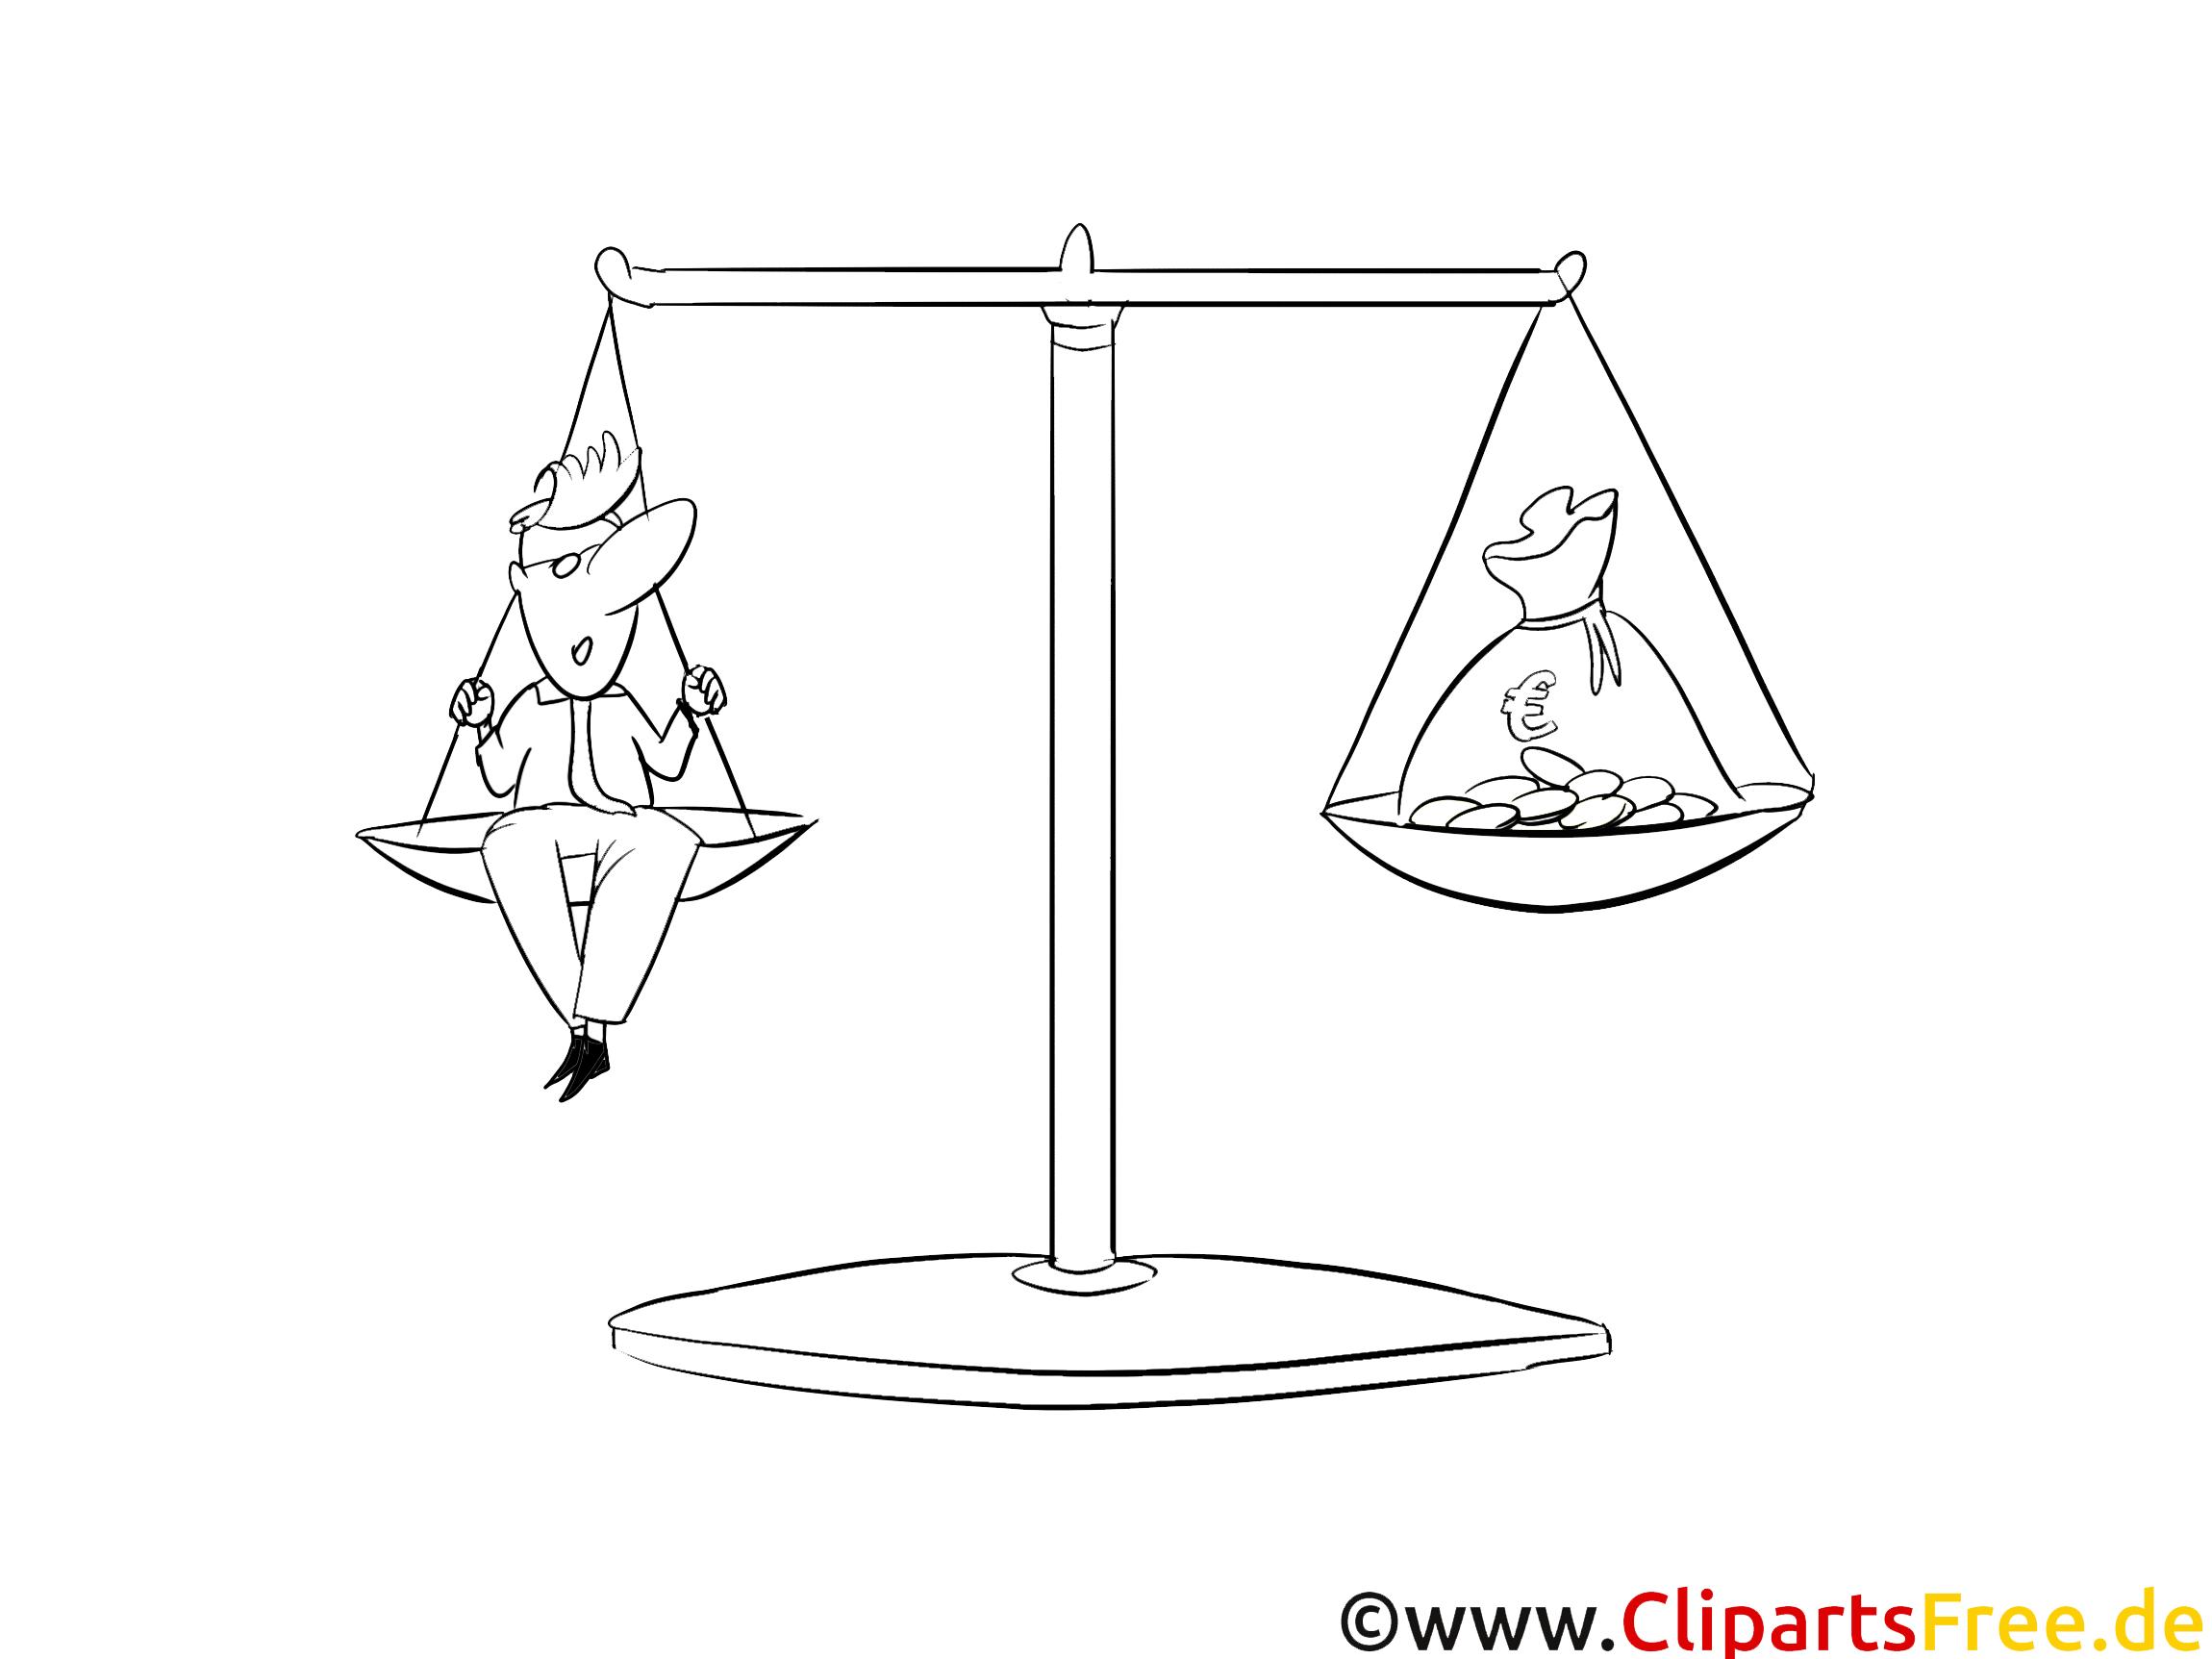 Balance images gratuites – Argent à colorier